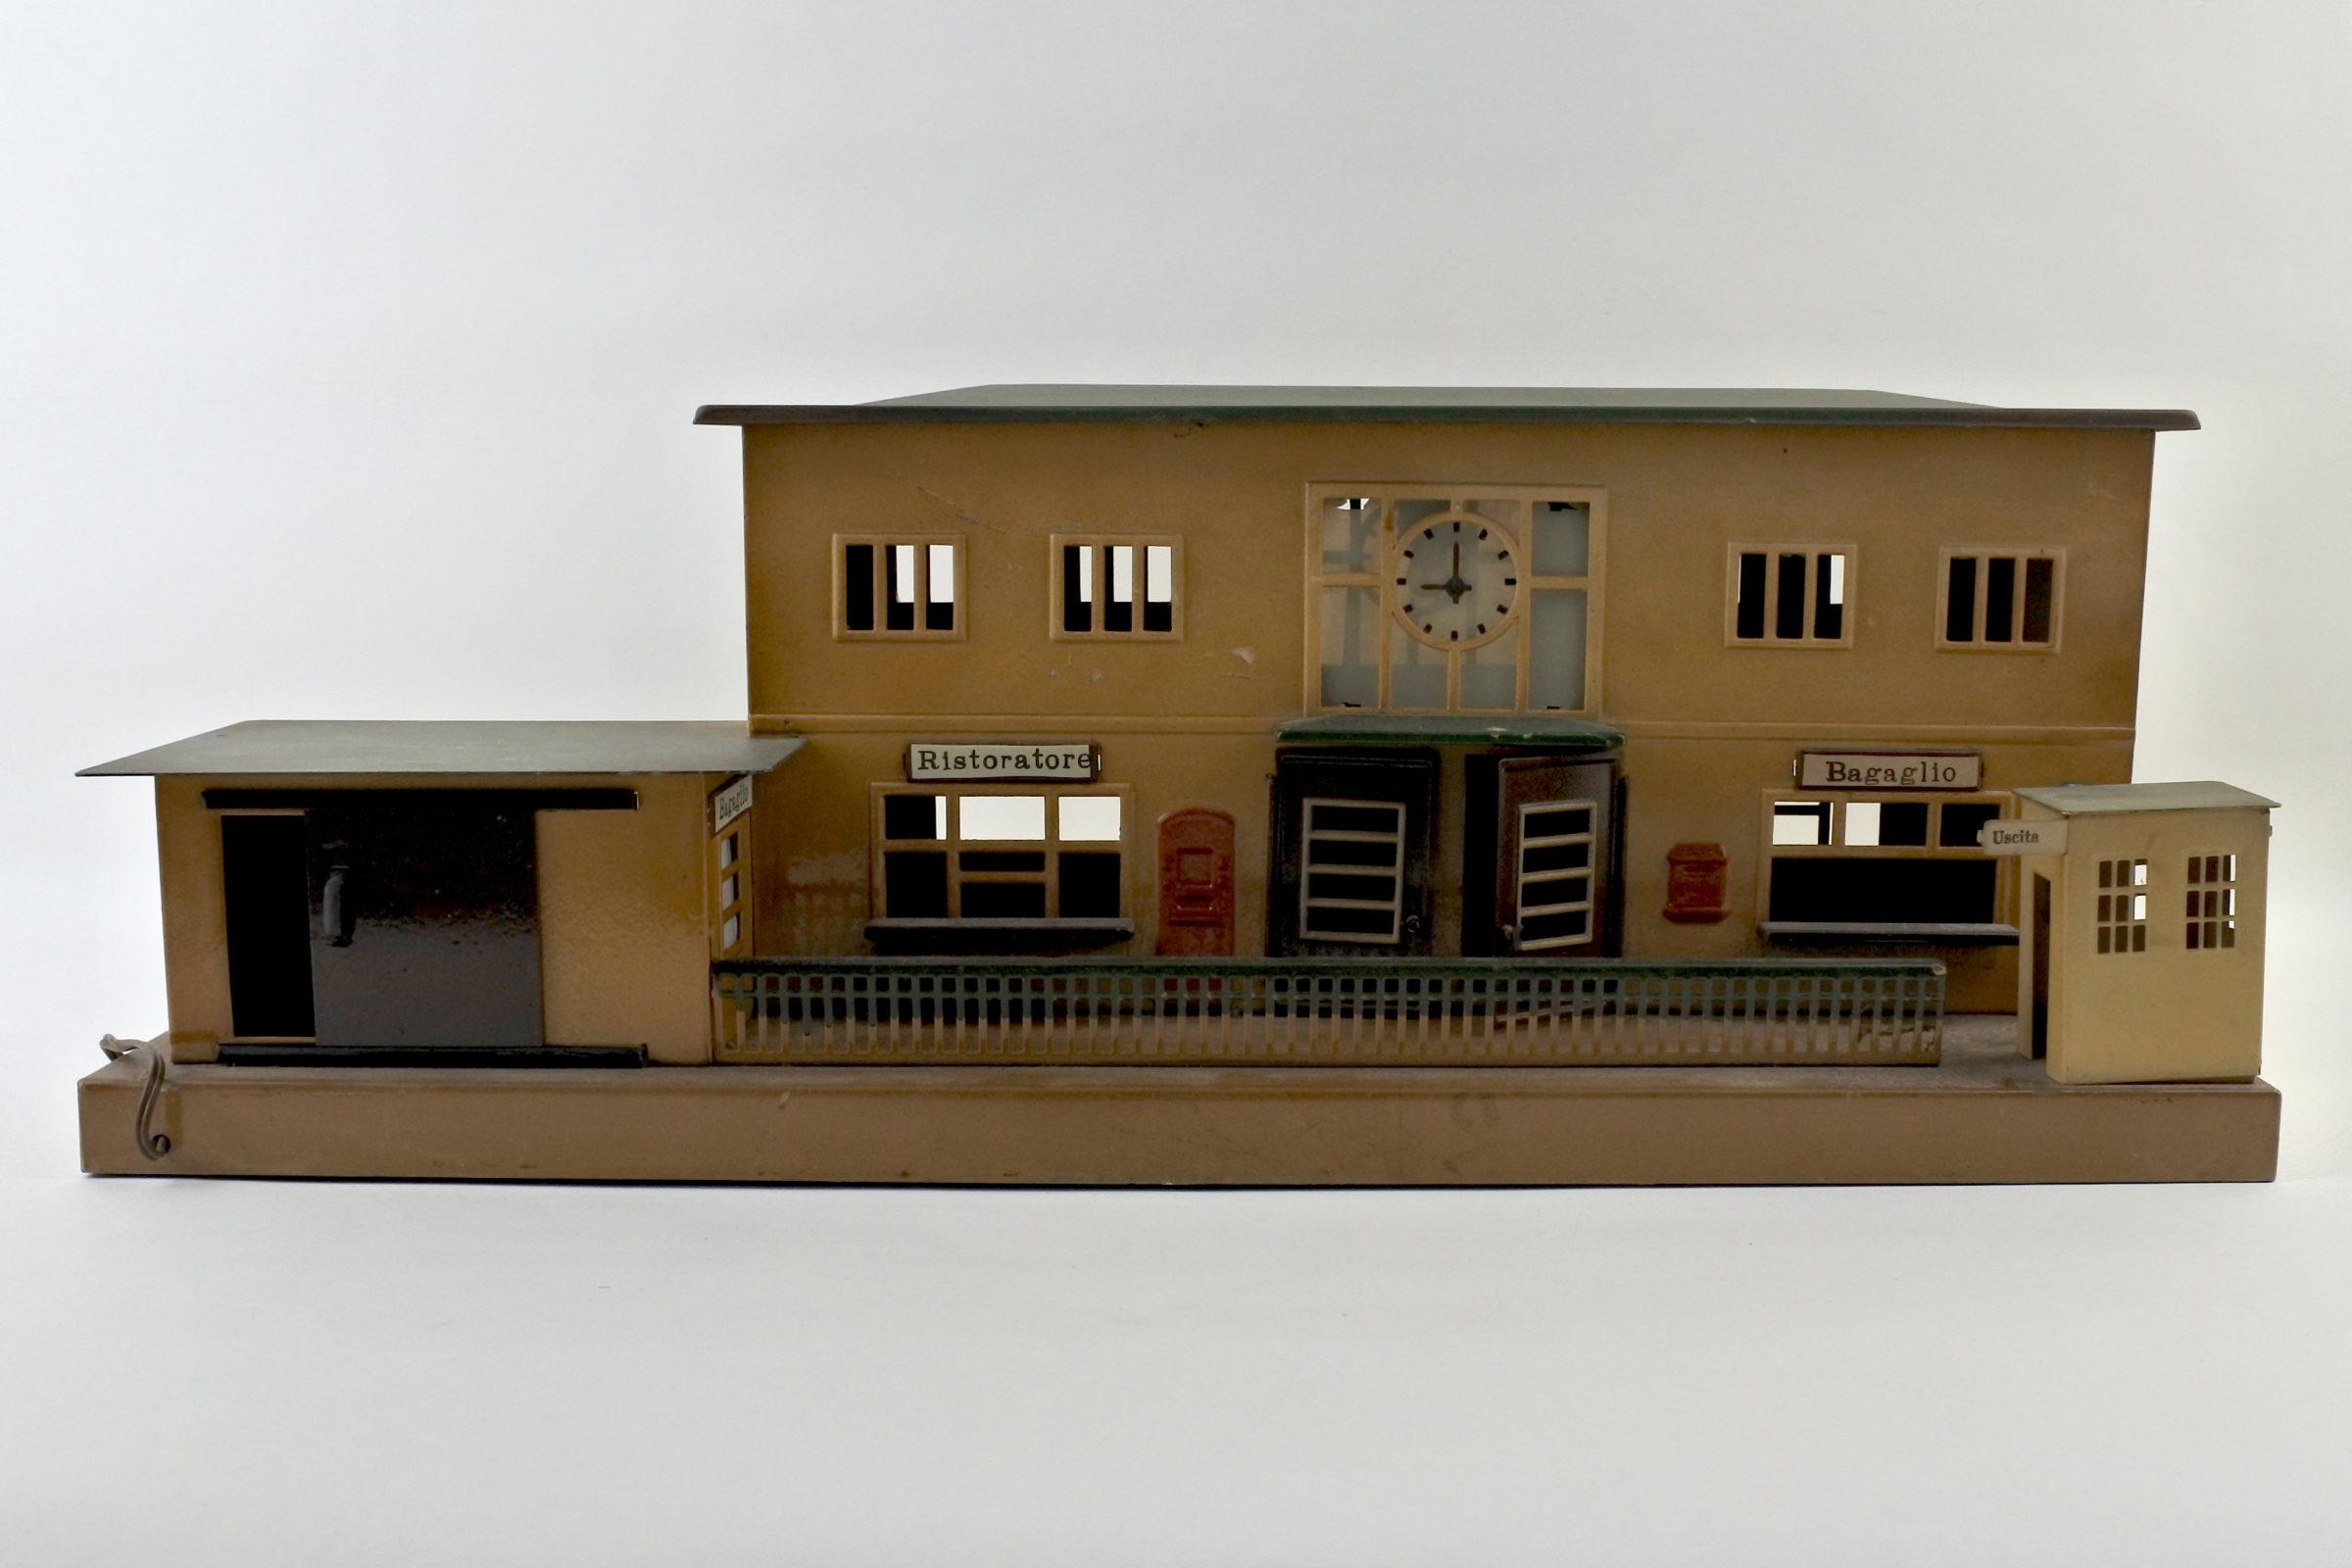 Antica stazione dei treni con ristorante e zona bagagli in latta policroma - Marklin